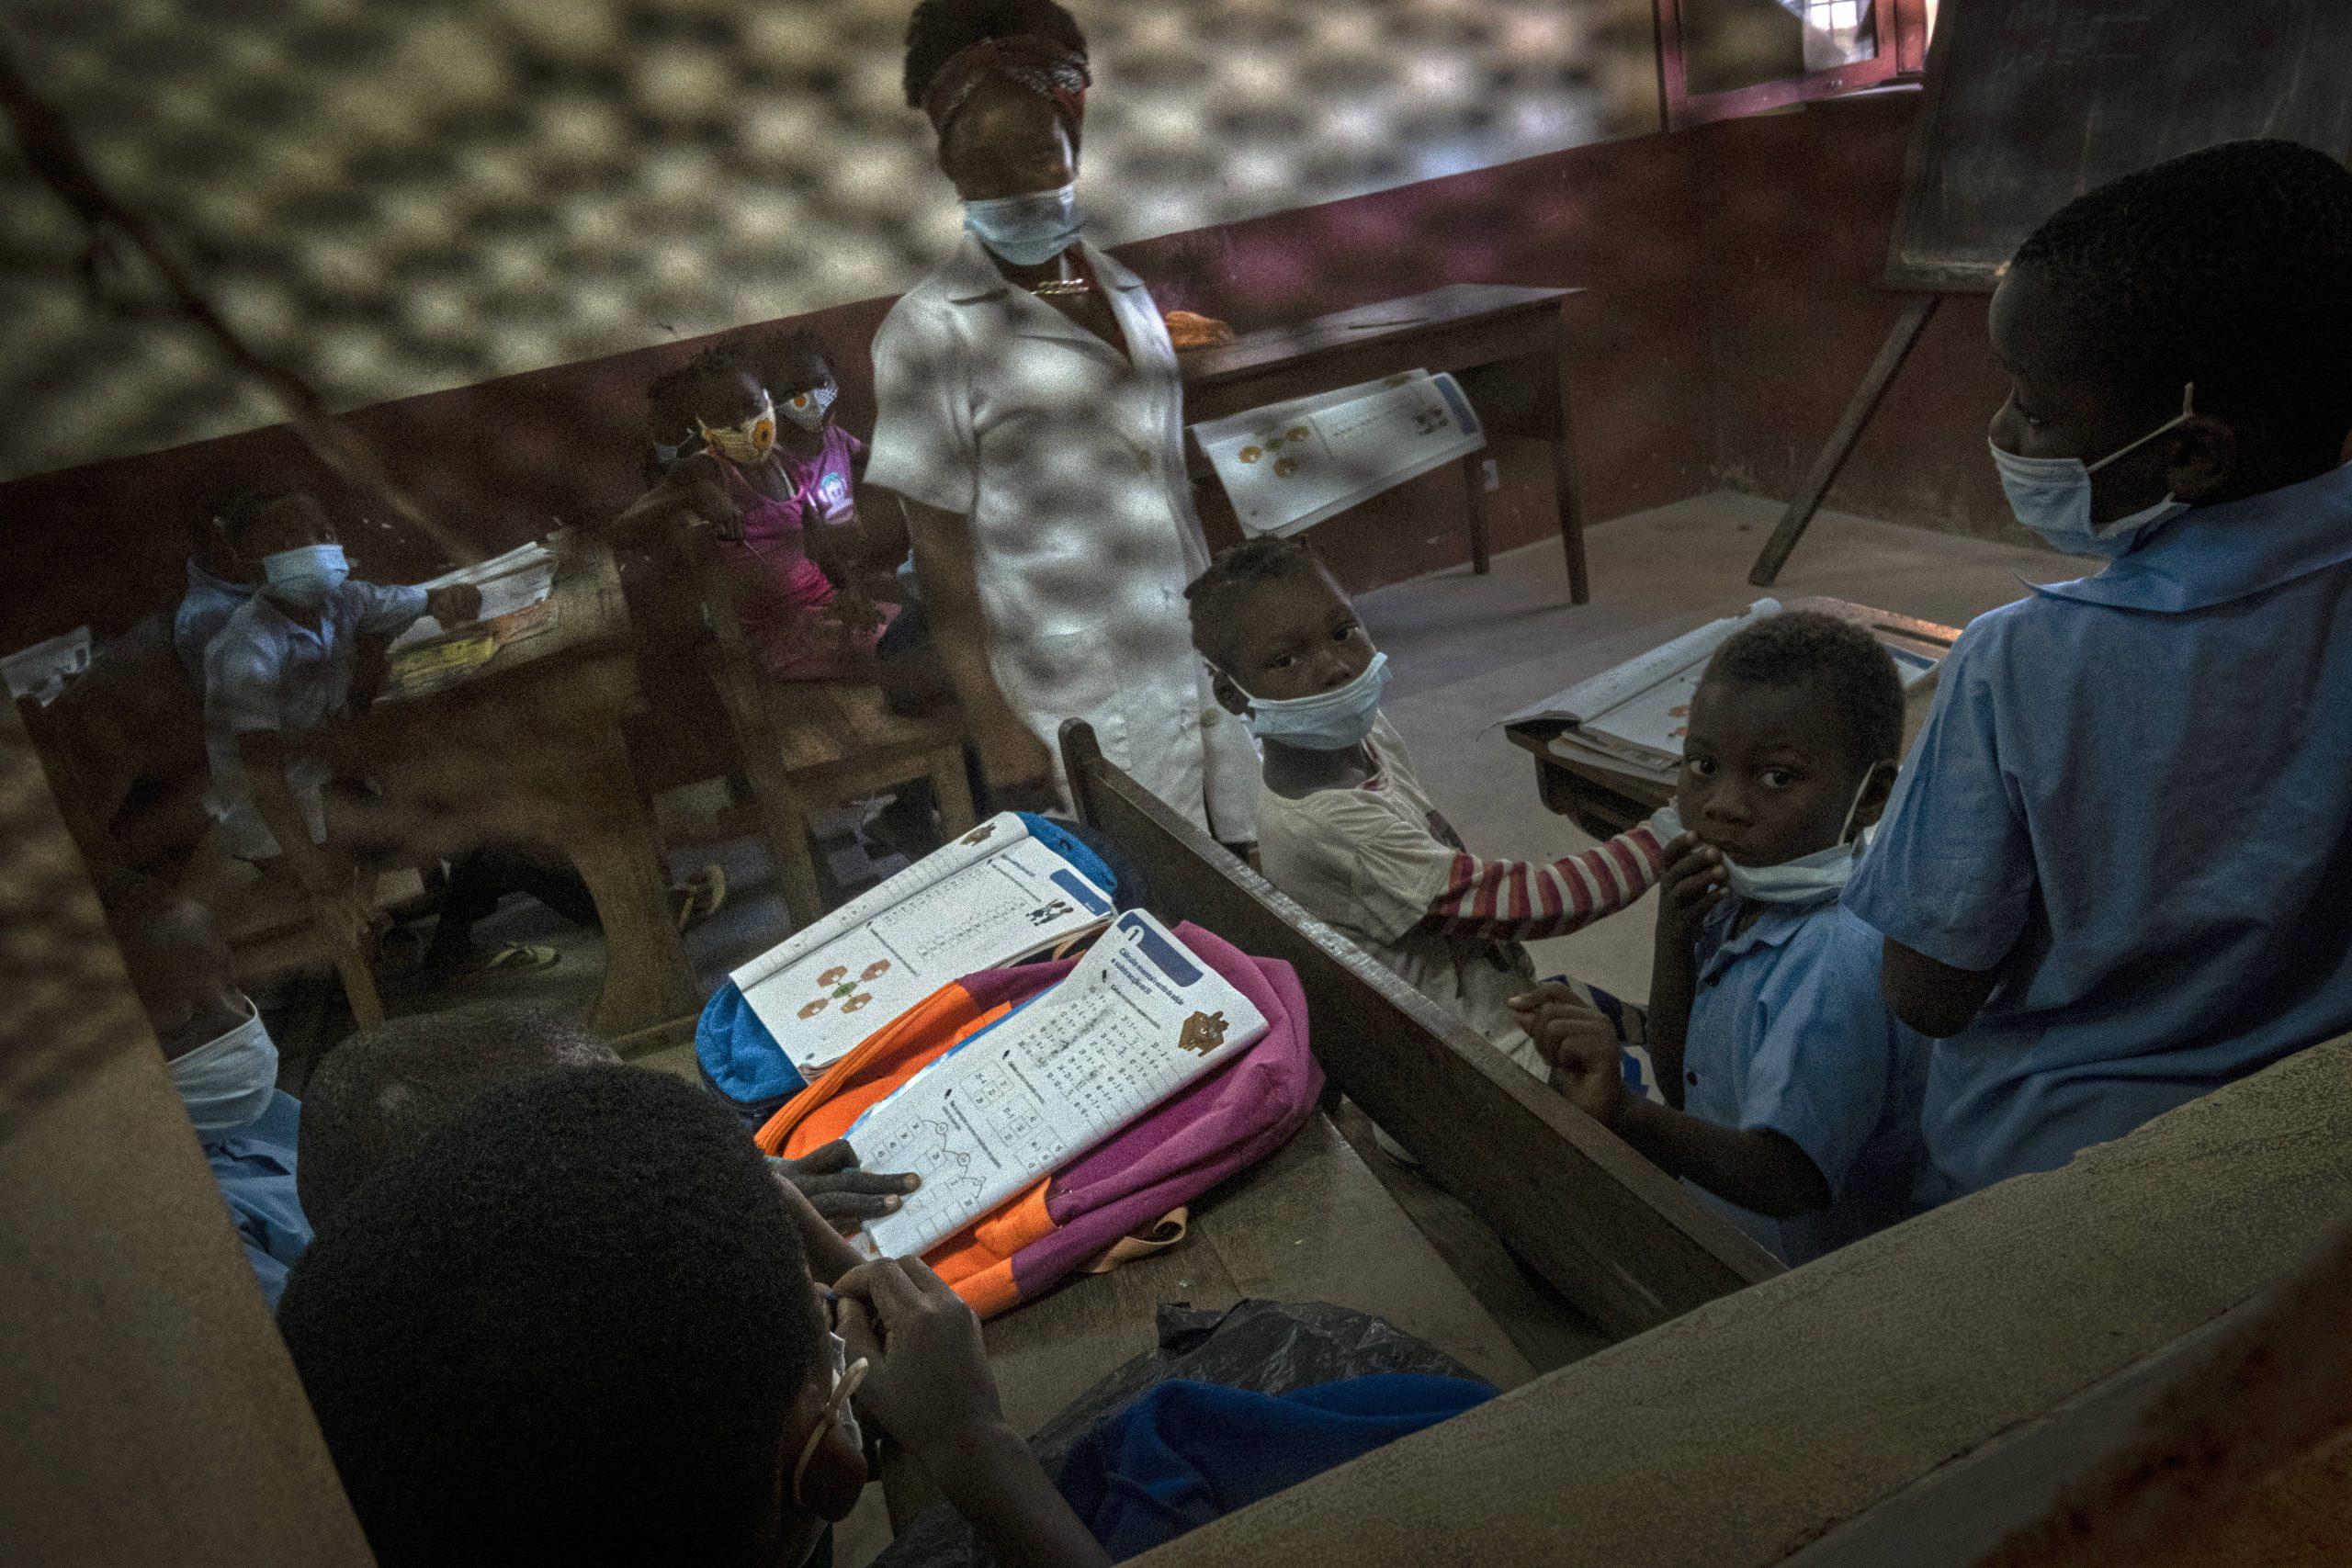 Des enfants de Palma qui ont fuit l'avancée des jihadistes, dans un camps de déplacés à Pemba, au Mozambique.